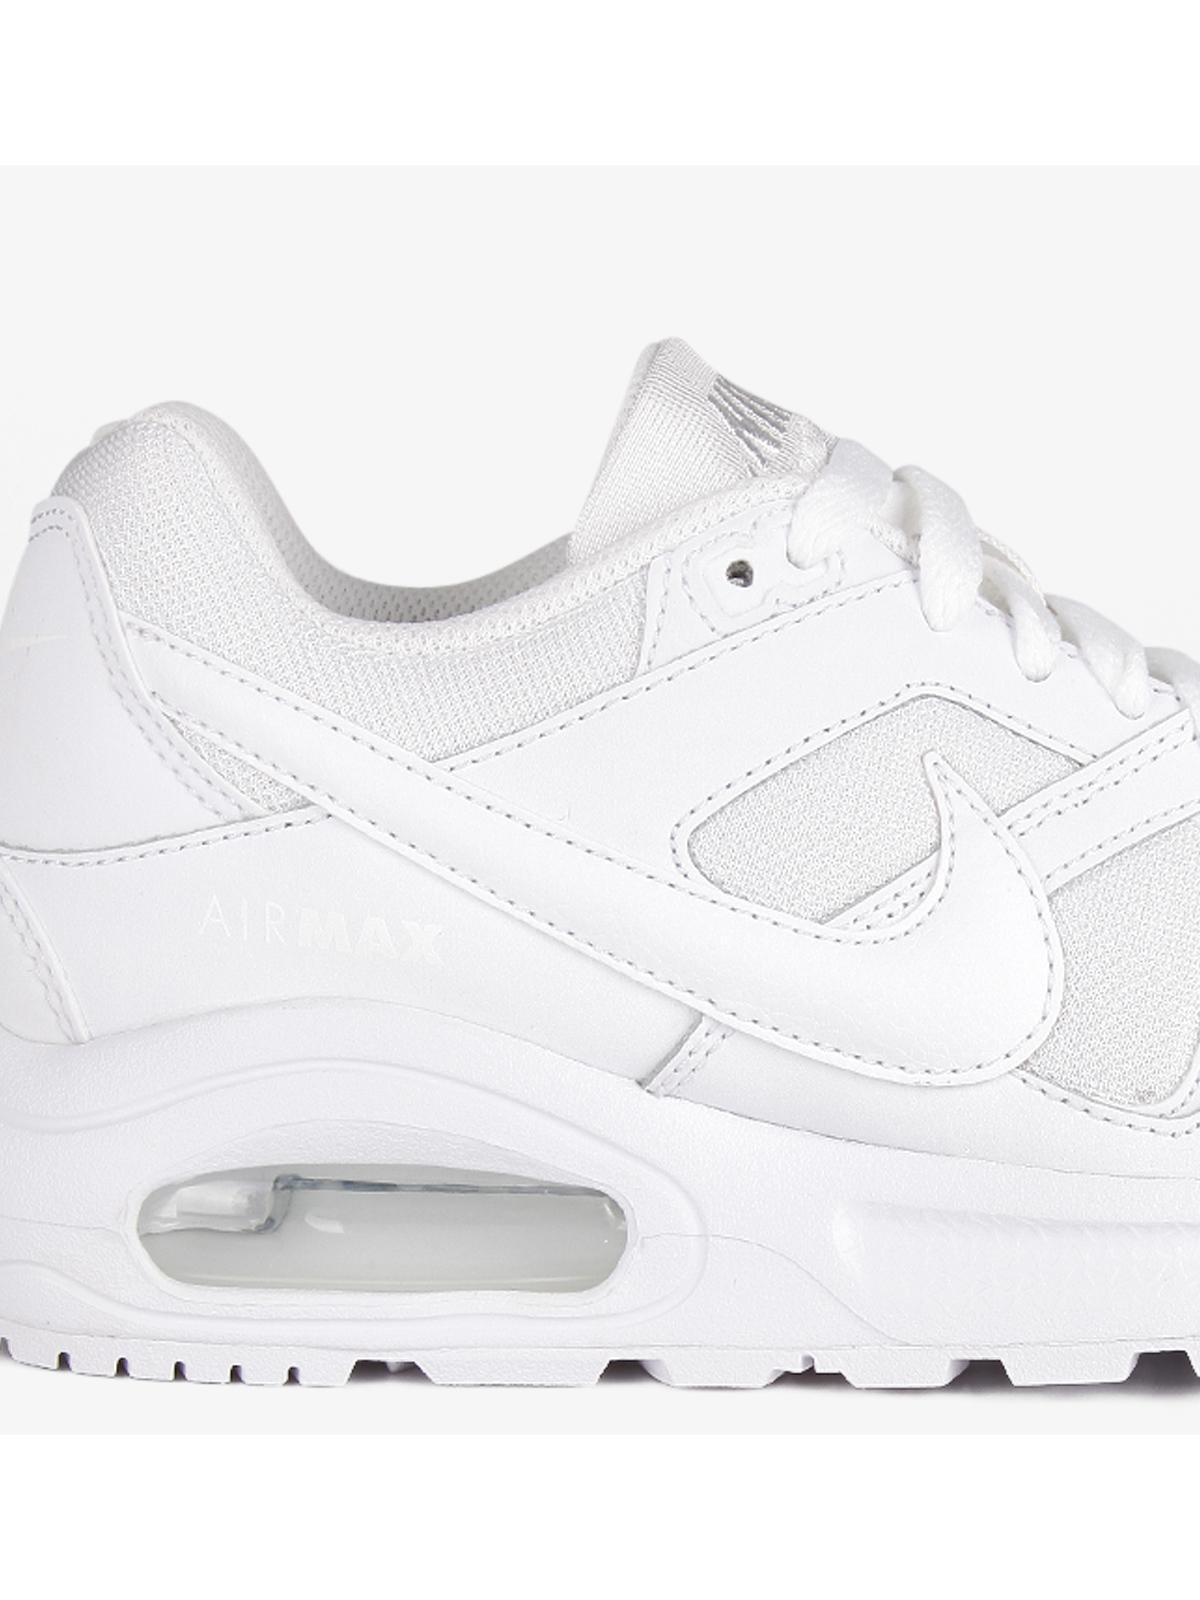 guarda bene le scarpe in vendita prezzo folle buona vendita Air Max Command Flex - Sneakers bianche donna nike | MecShopping